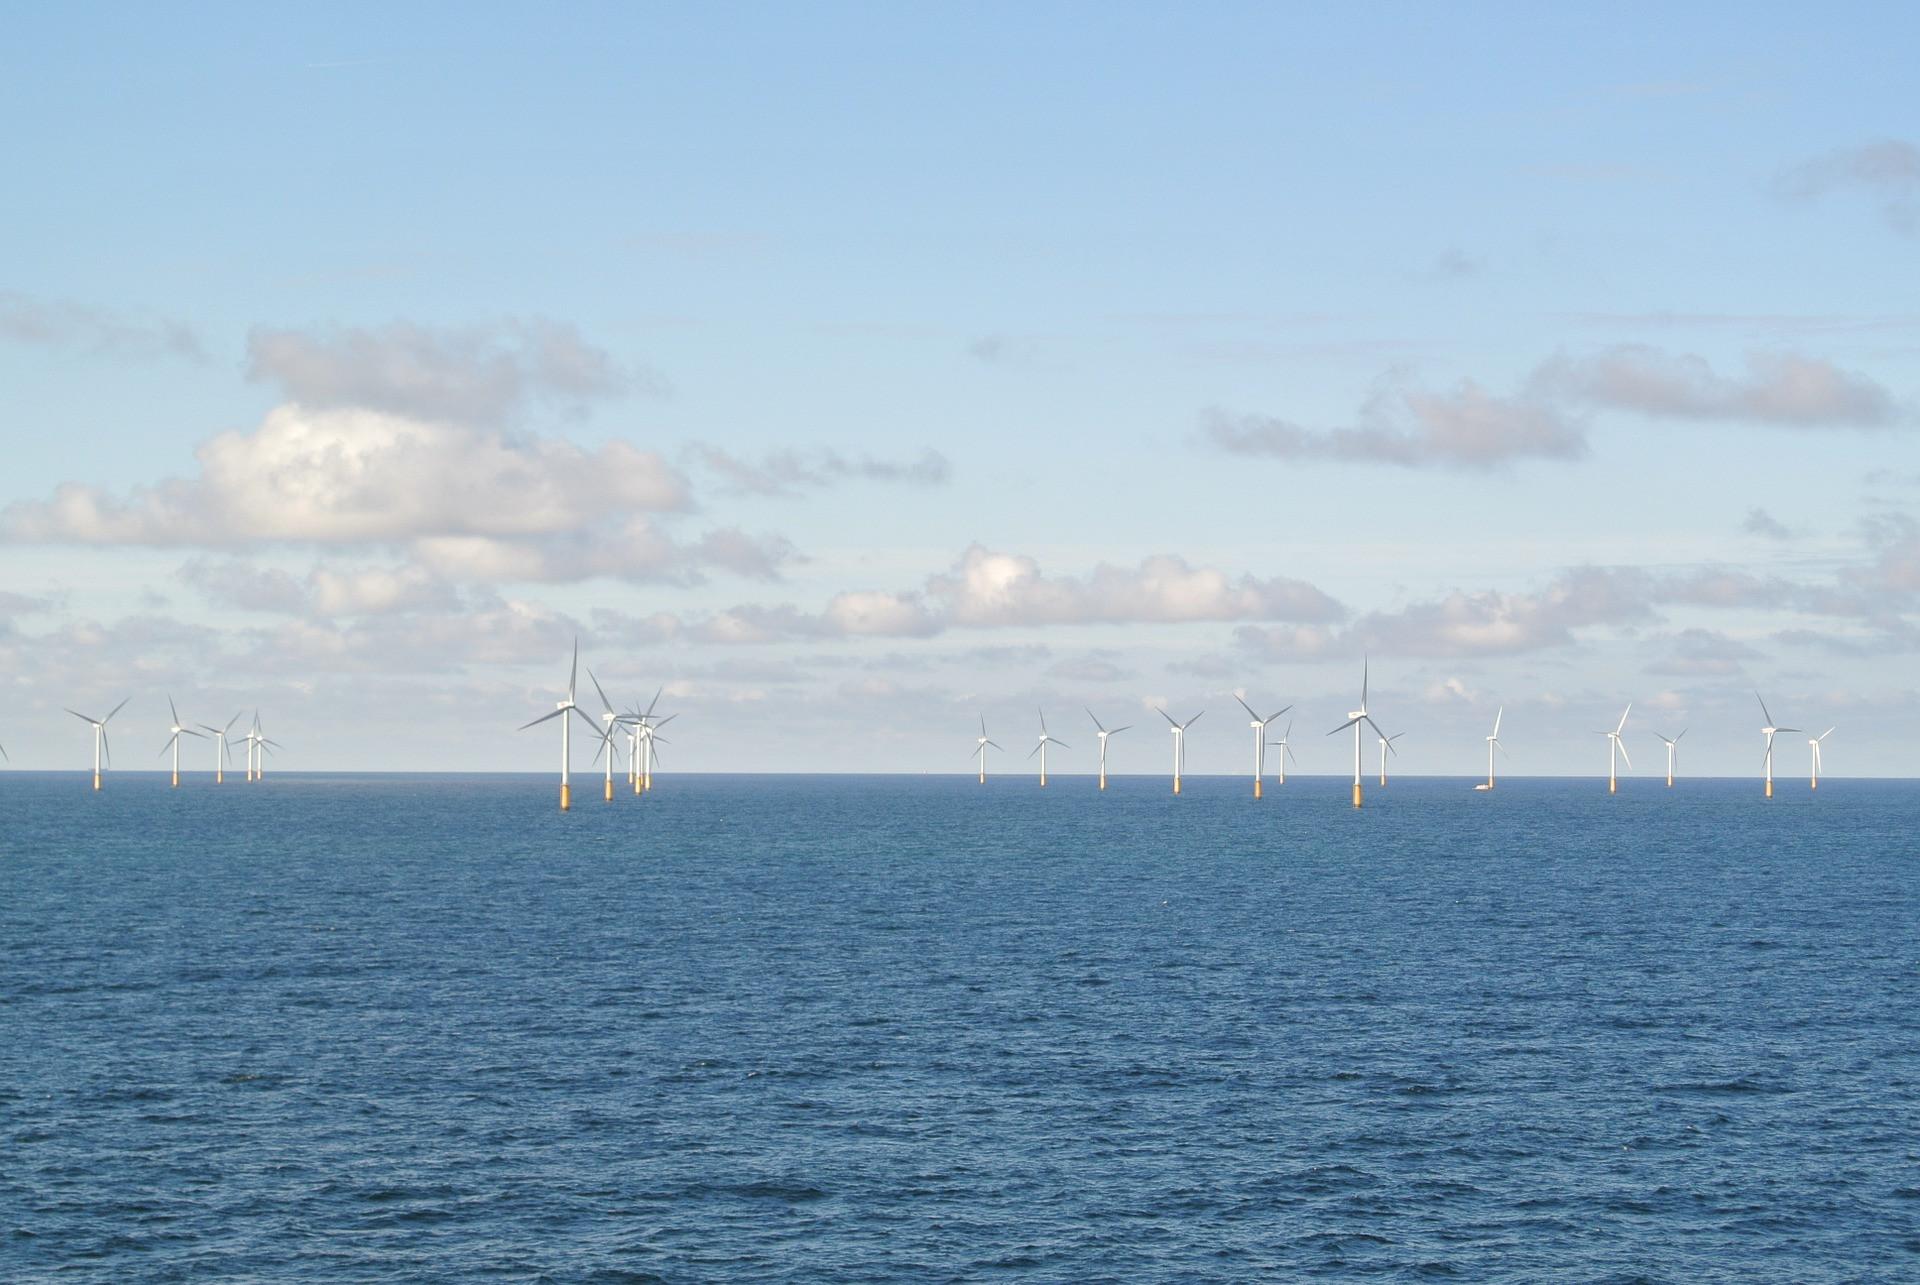 north-sea-1242960_1920.jpg